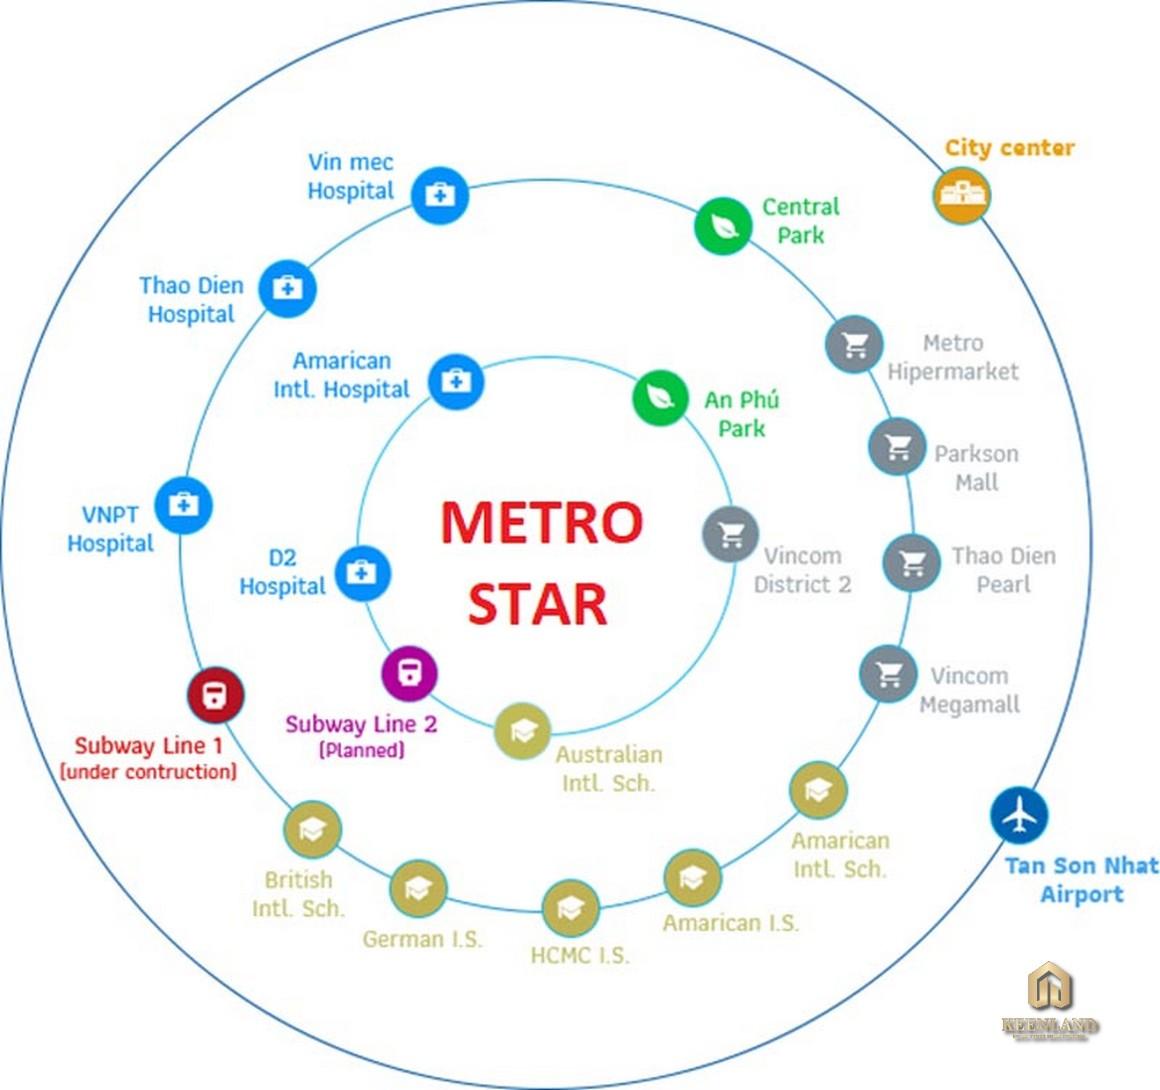 Dự Án Metro Star Quận 9 mua ban cho thue du an can ho chung cu metro star 2